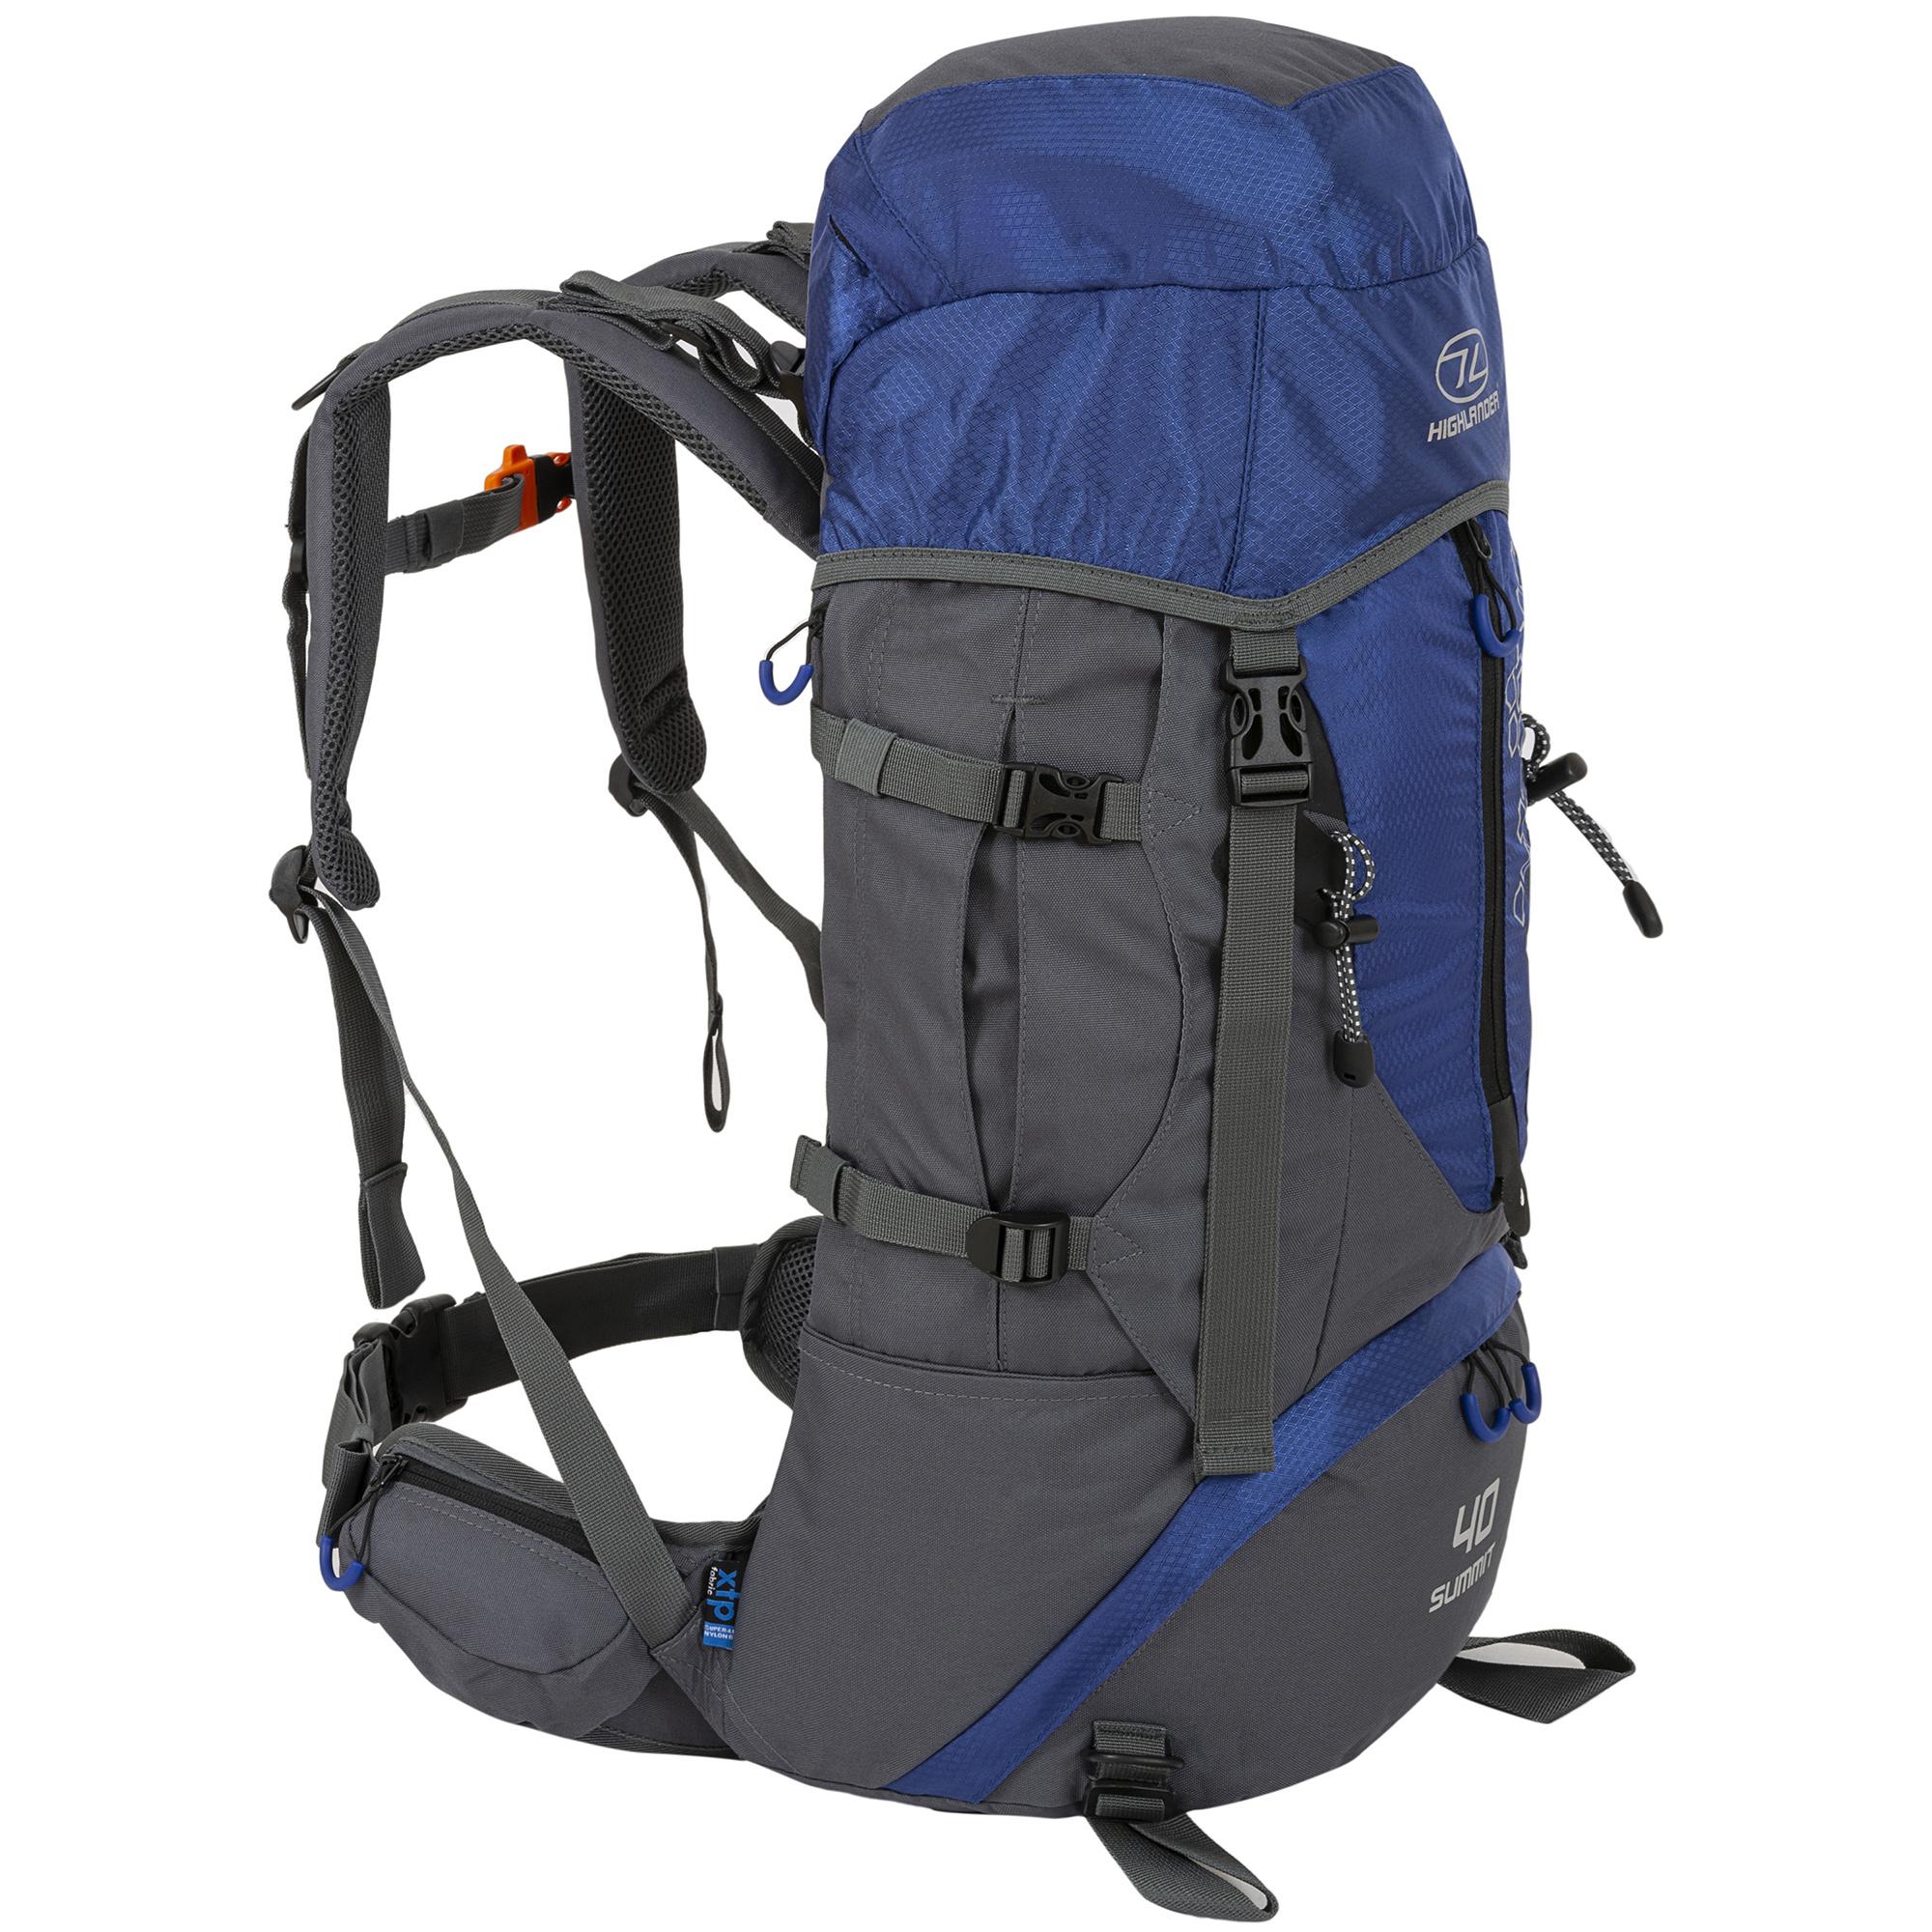 99a49f53607 Highlander - Summit - outdoor rugzak - 40 liter- blauw - Kopen ...